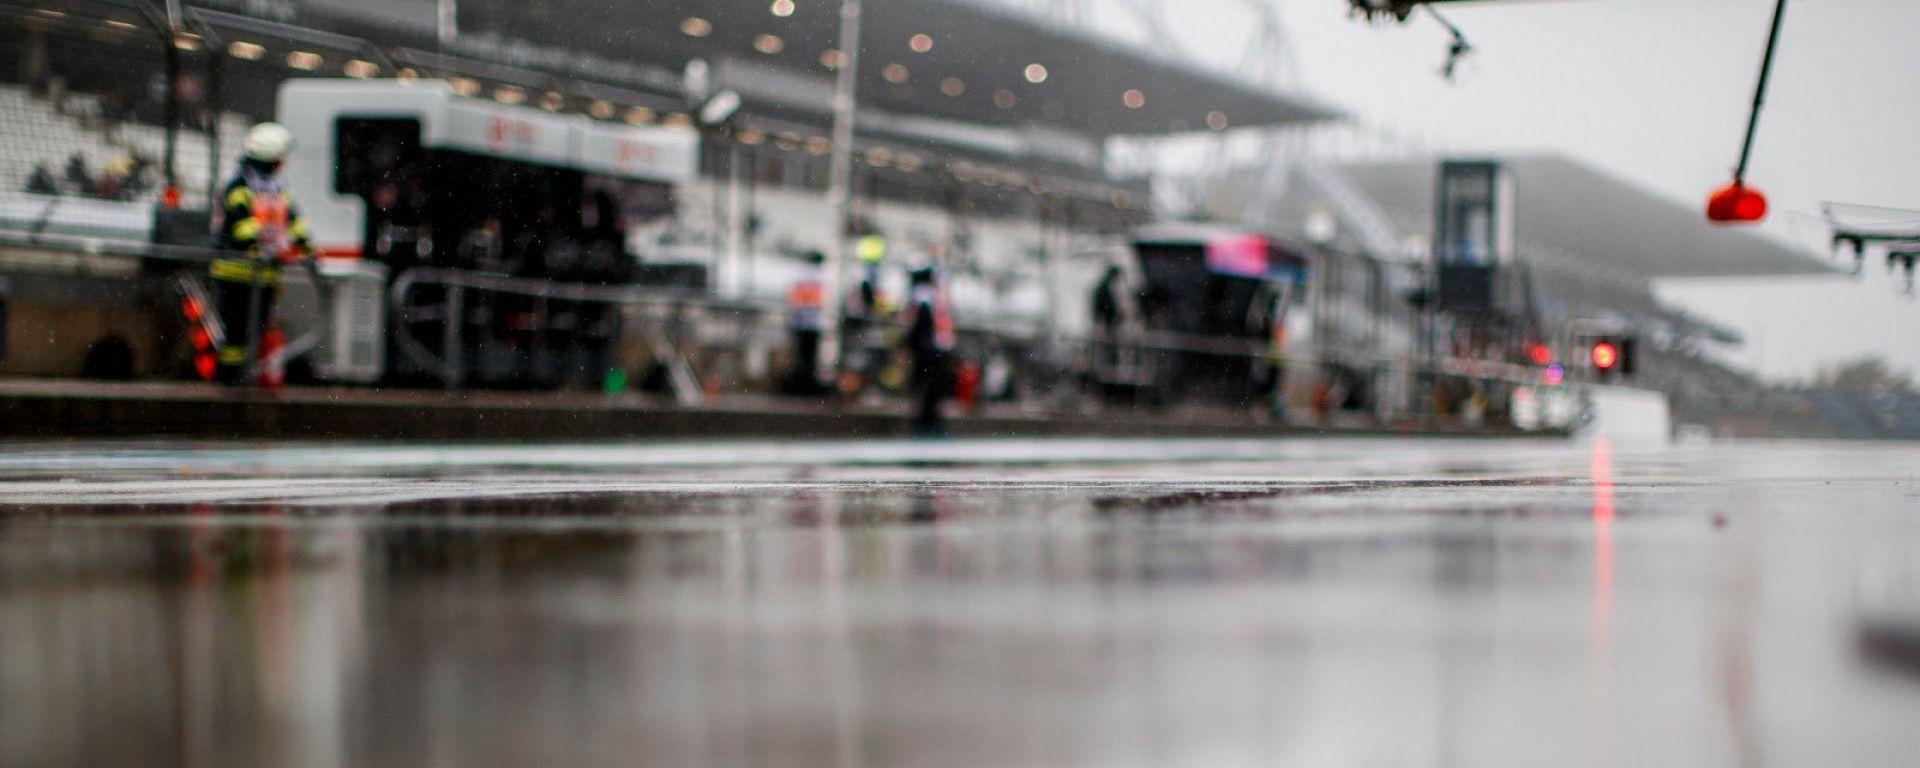 GP Eifel 2020, Nurburgring: il venerdì di libere si chiude con pioggia e nebbia